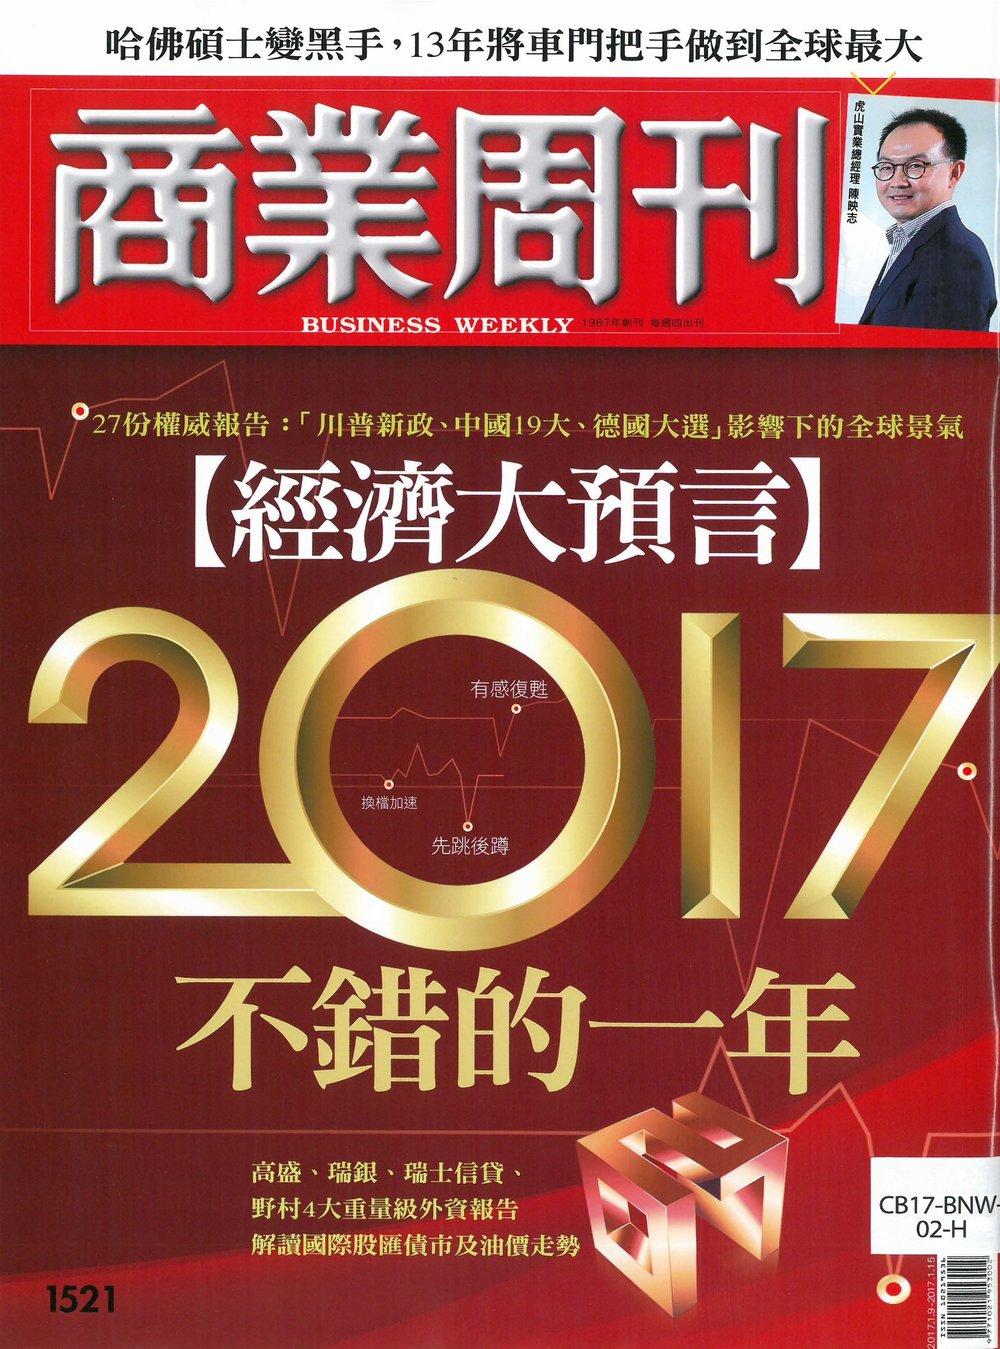 2017年01月15日_不會「過生活」如何做品牌_商業週刊_頁面_2.jpg